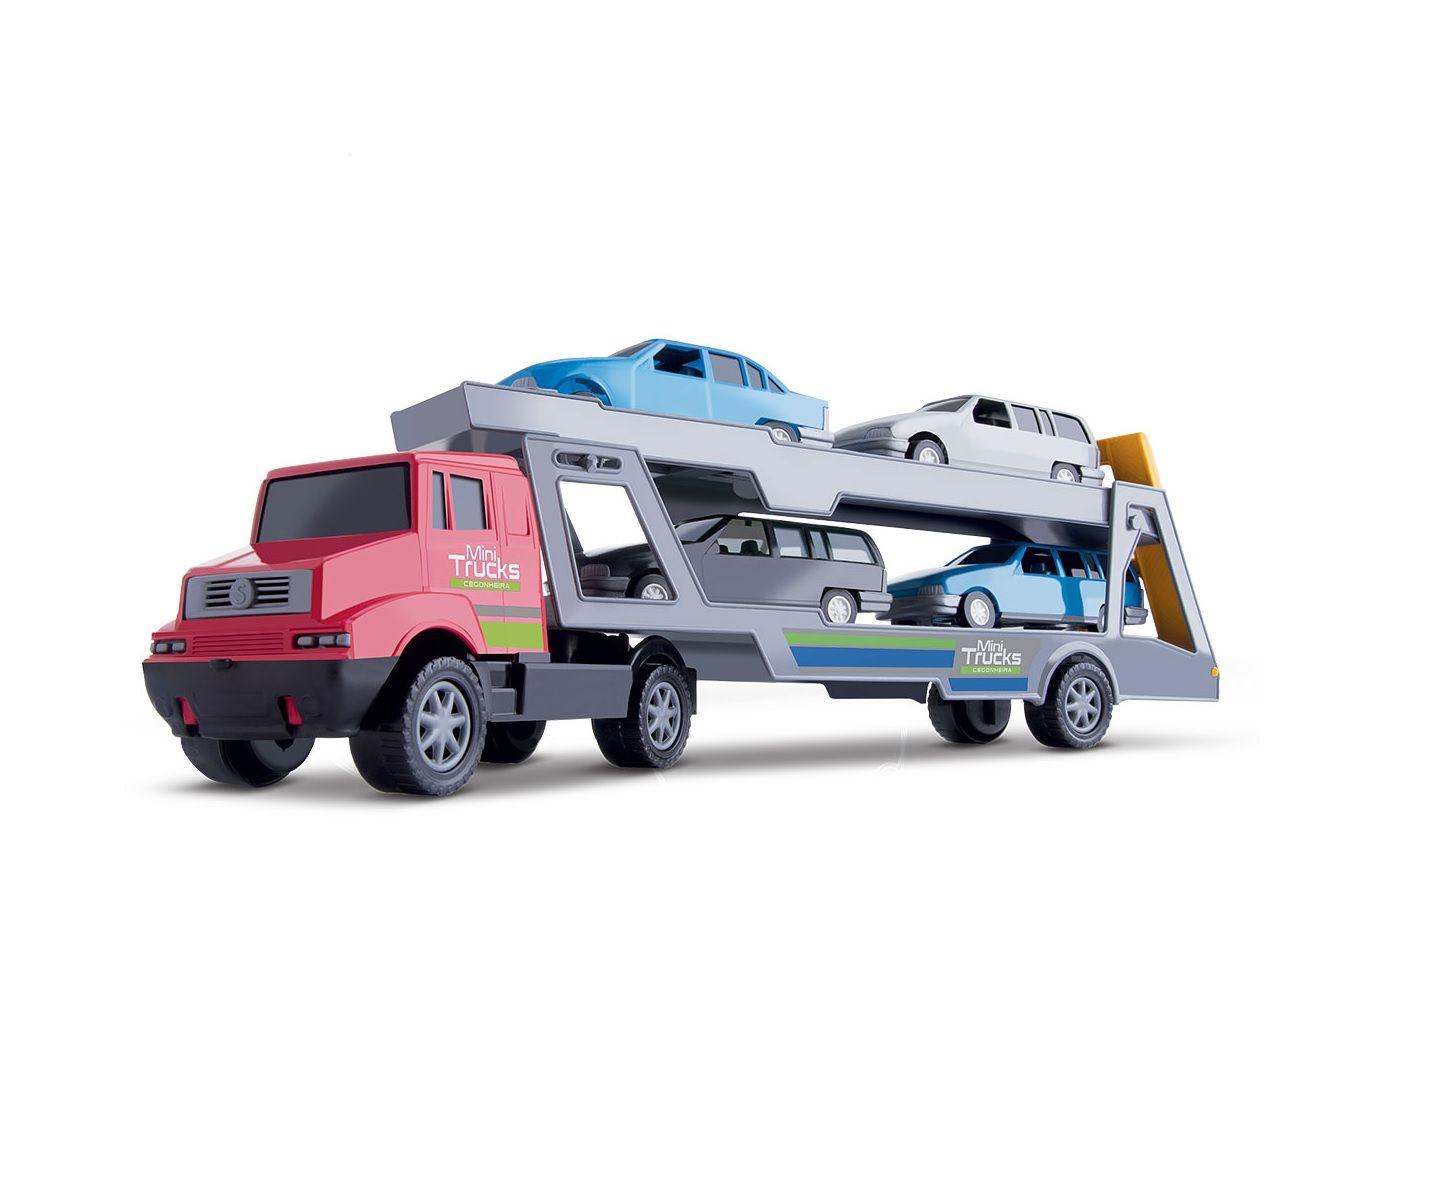 Caminhão Coleção Mini Trucks Cegonheira Sortidos - Samba Toys